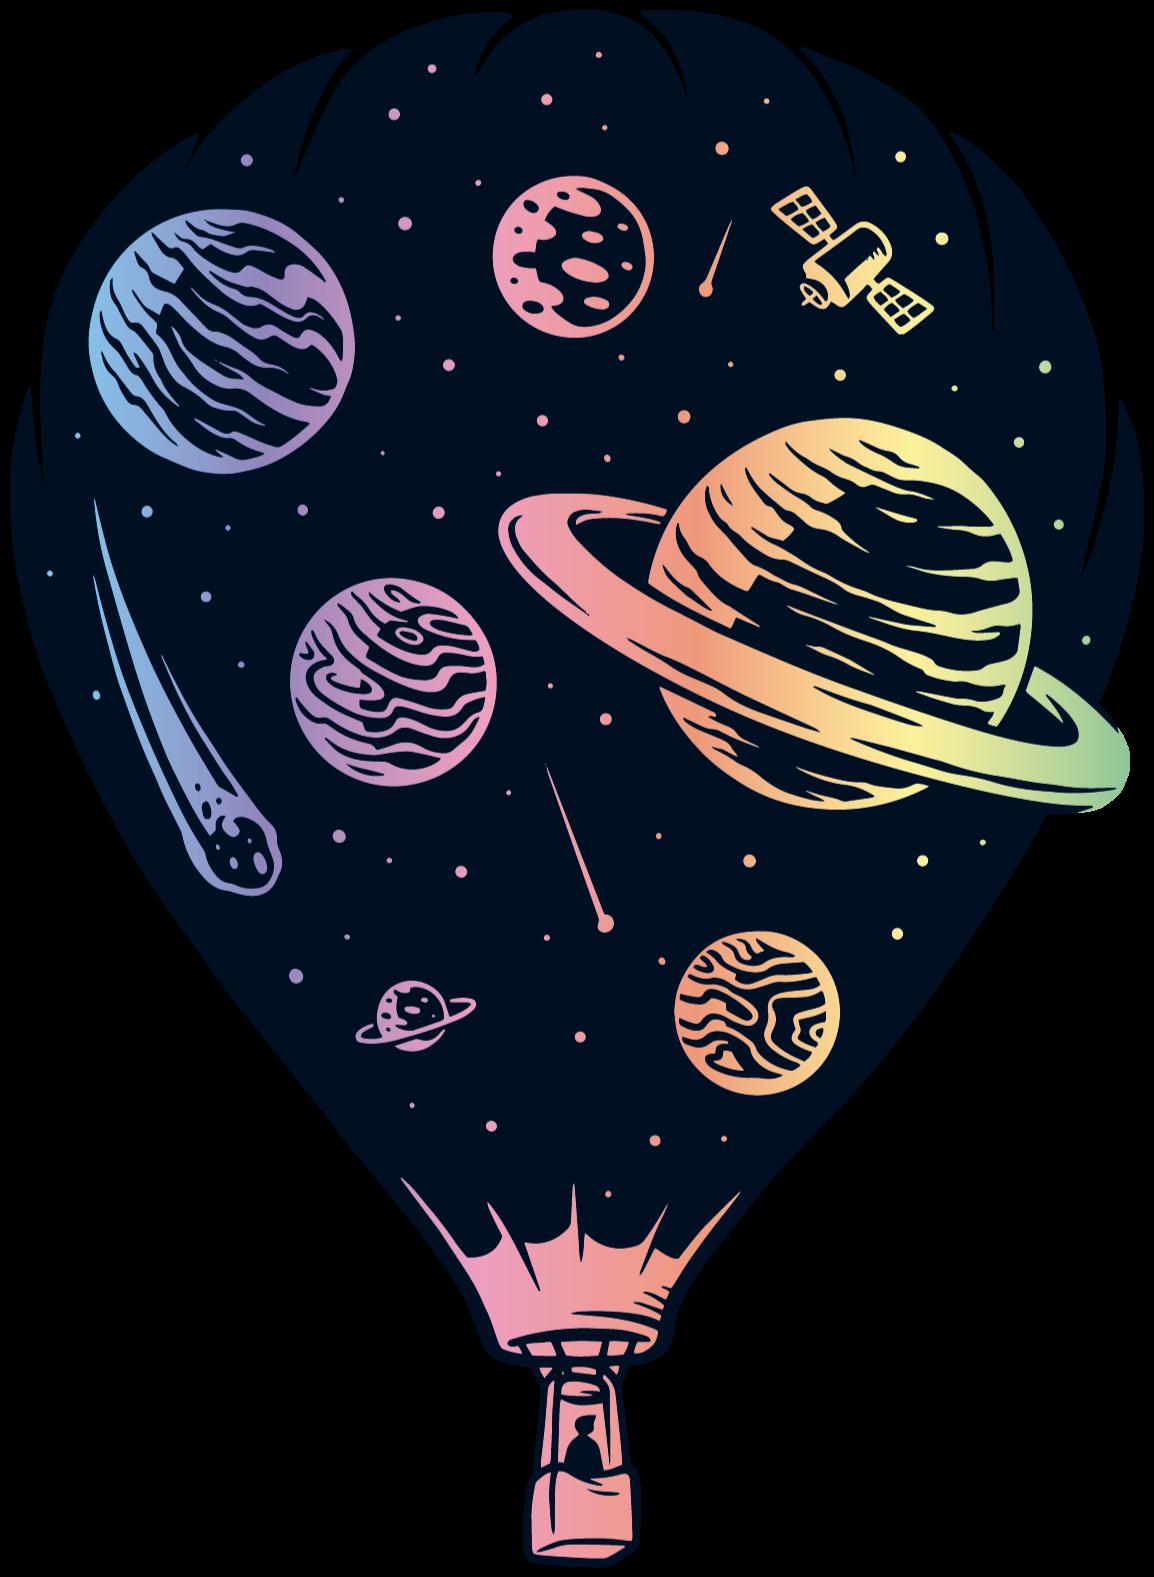 TenVinilo. Vinilo para niños globo aerostático con planetas. Vinilo bebé con globo aerostático con planetas y asteroides coloridos para decorar de forma original el cuarto de tu hijo ¡Compra online!